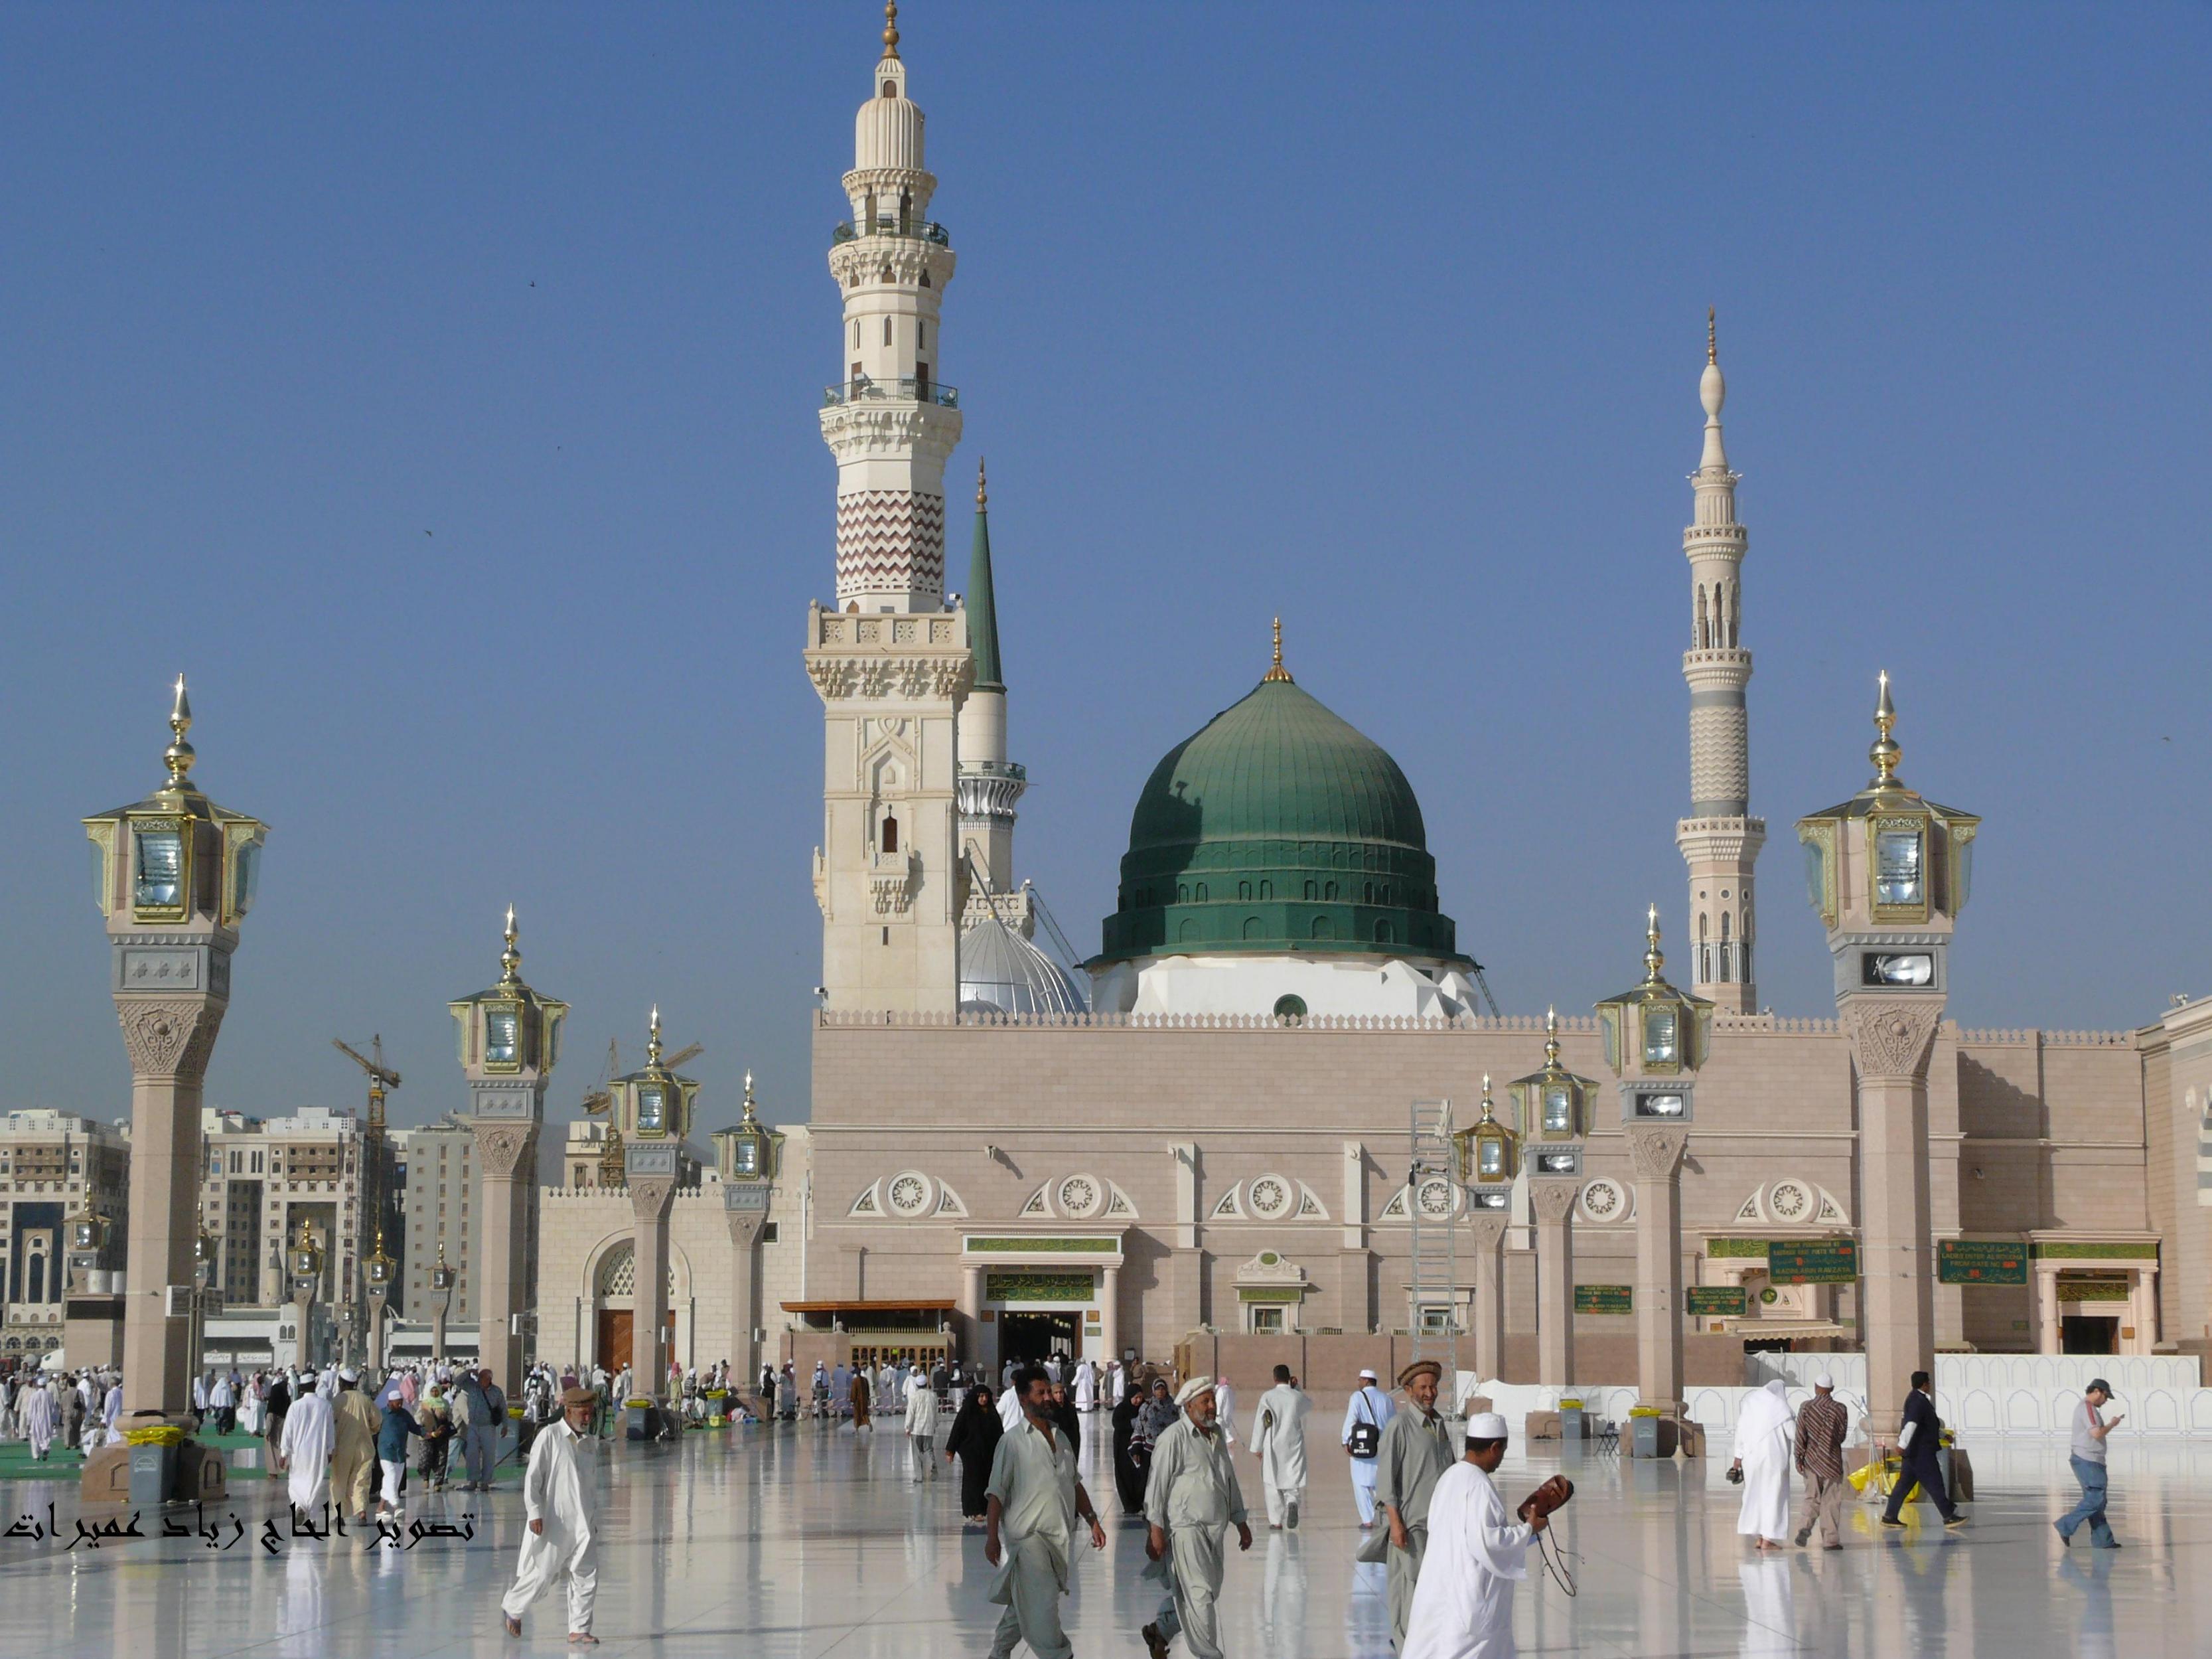 بالصور المسجد النبوي الشريف , من الداخل والخارج 2018 2